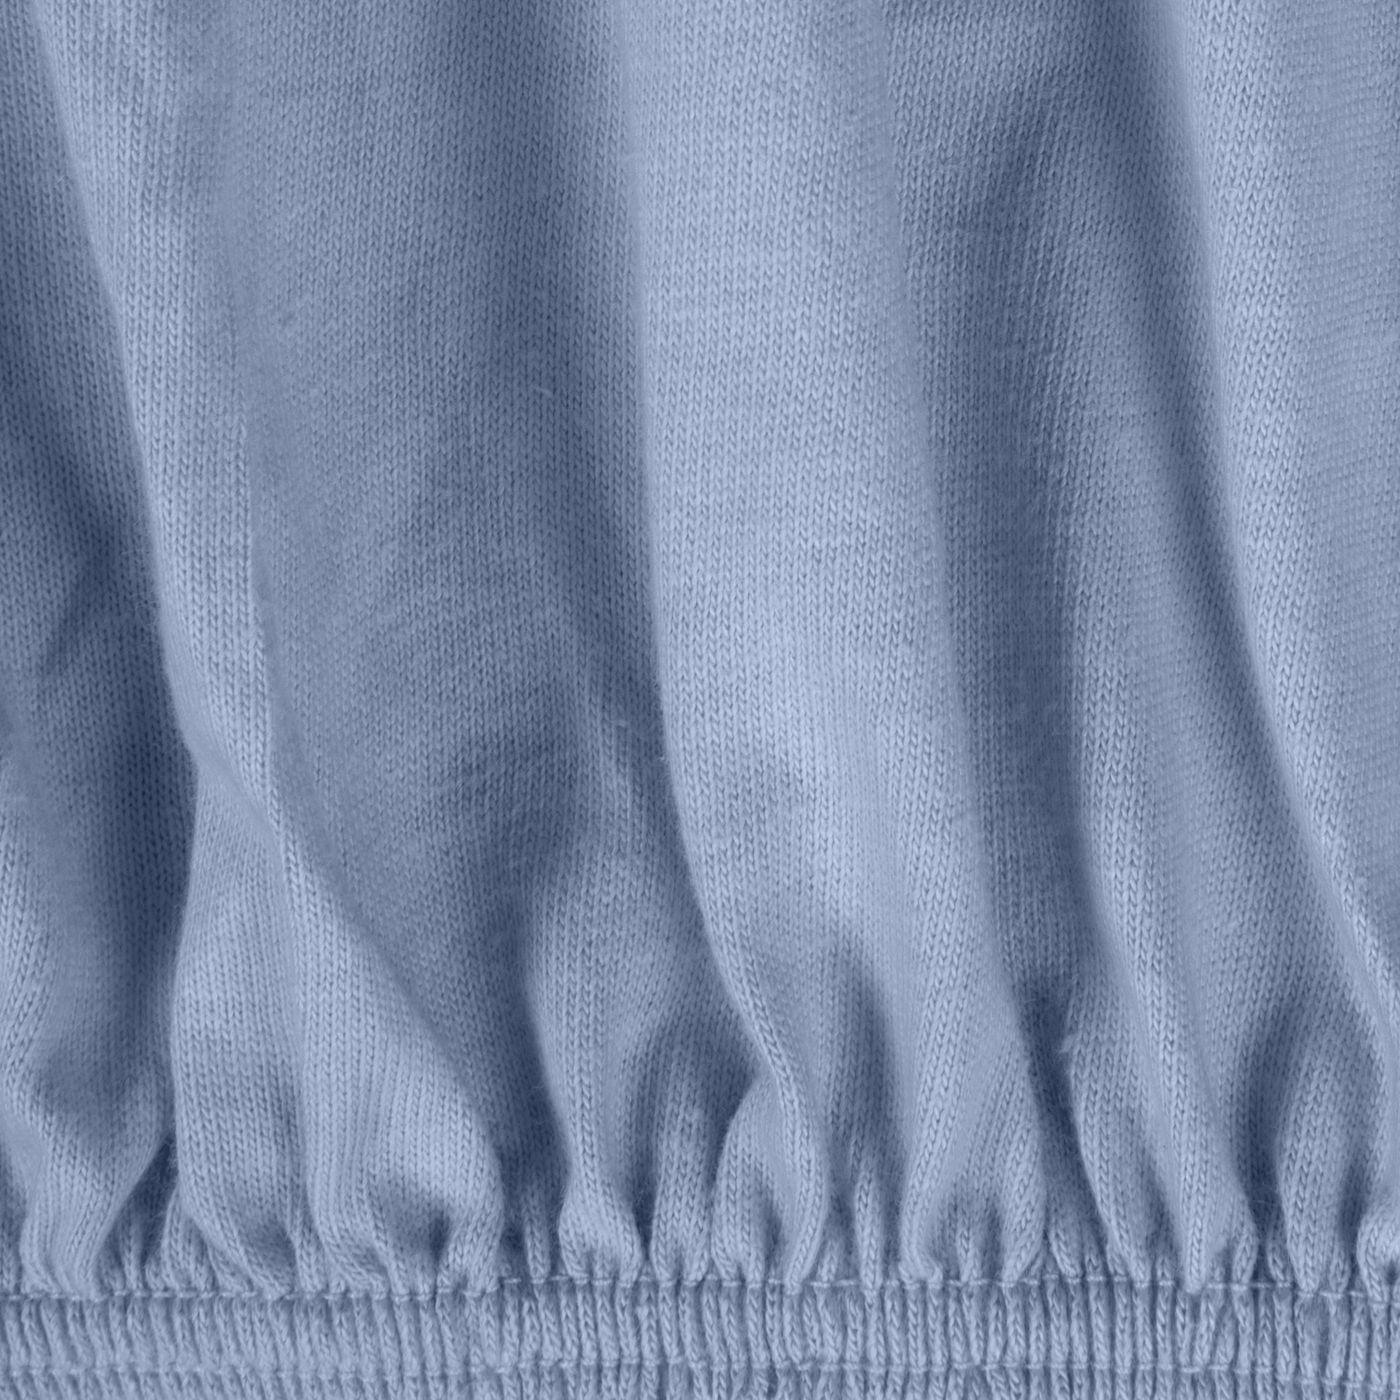 Prześcieradło bawełniane gładkie 220x200+25cm 140 kolor niebieski